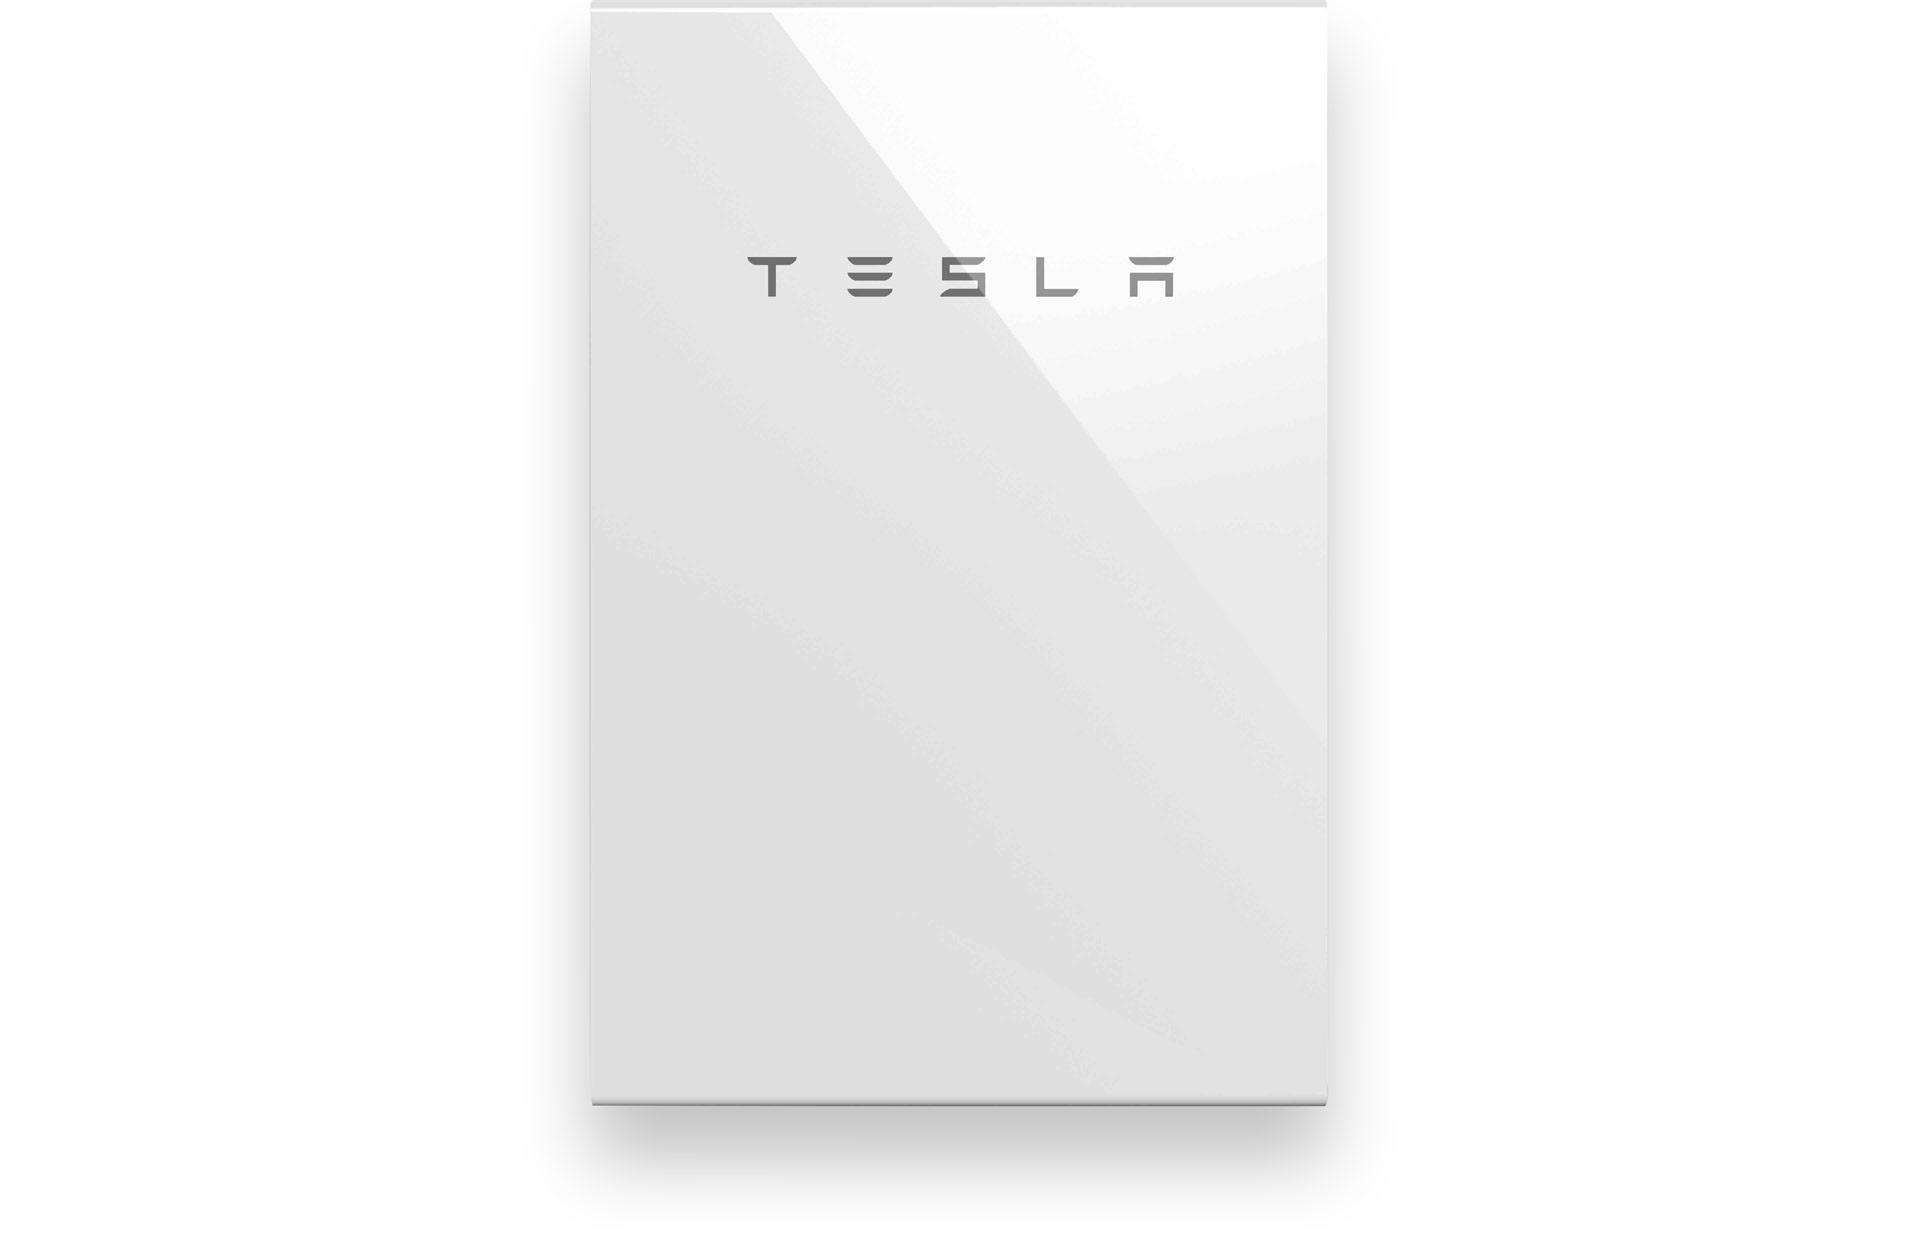 negawatt-tesla-power-wall-novara-1